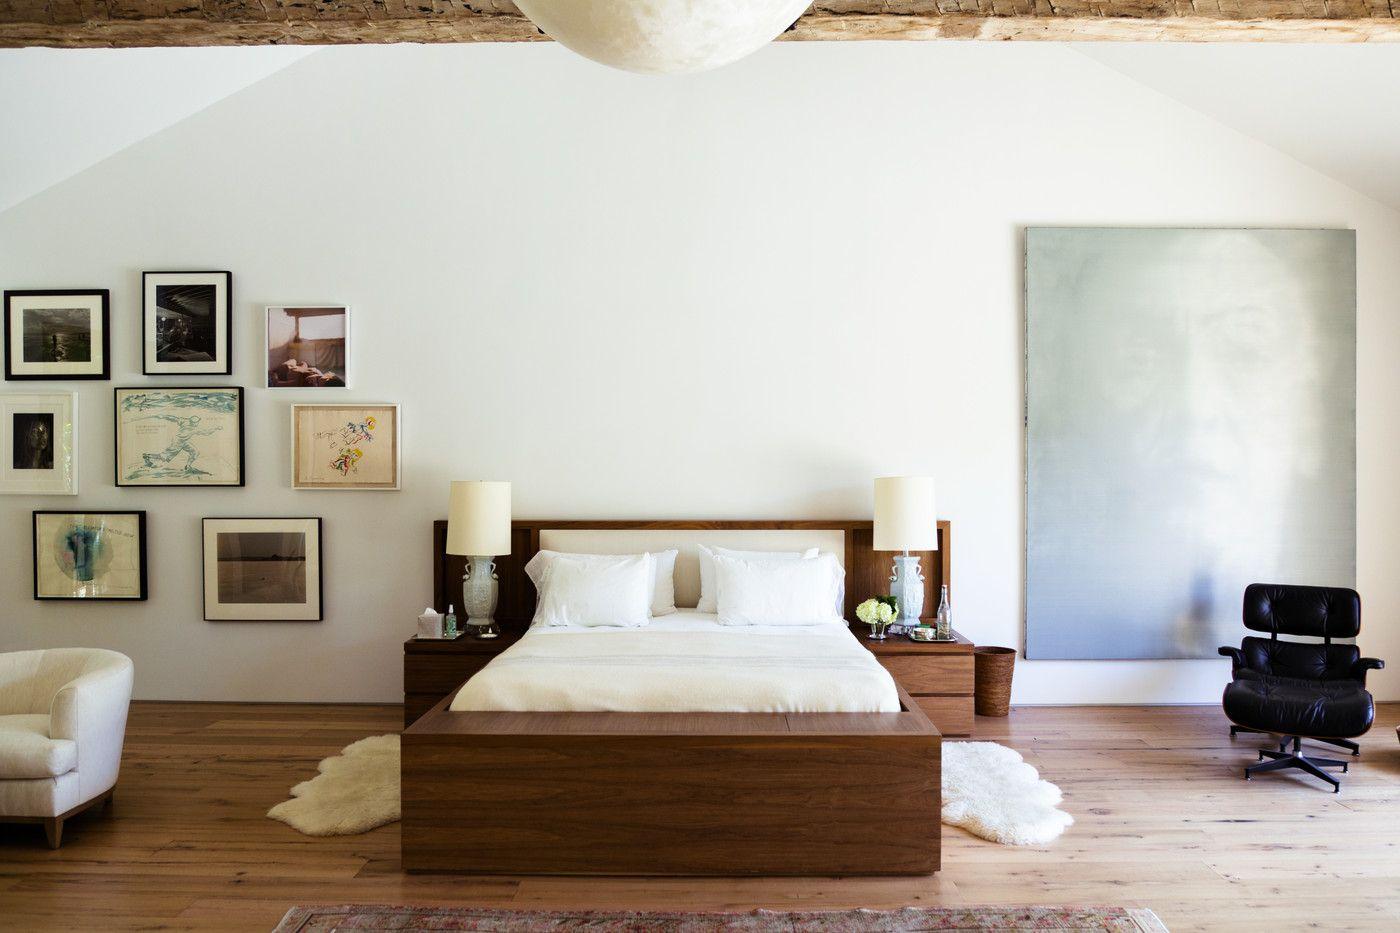 Que dormitorio más nórdico yo me veo en esa cama con pijama de